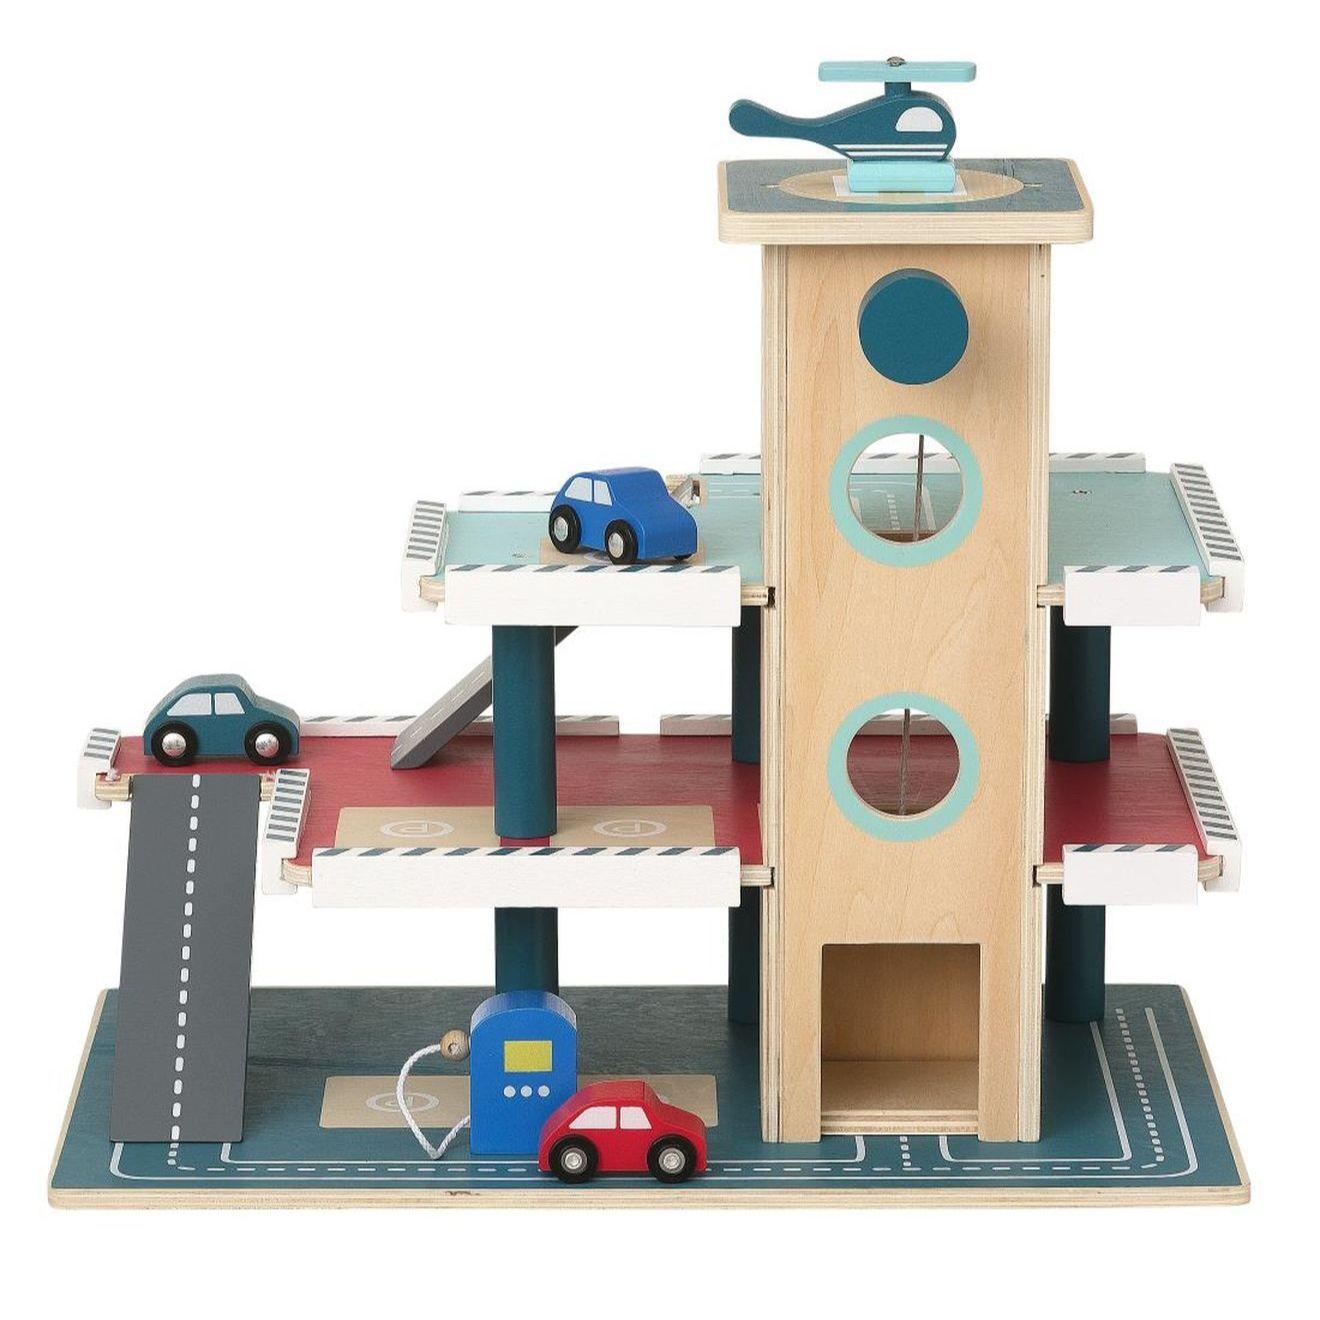 Houten parkeergarage + voertuigen voor €25 (i.p.v. €45) @HEMA